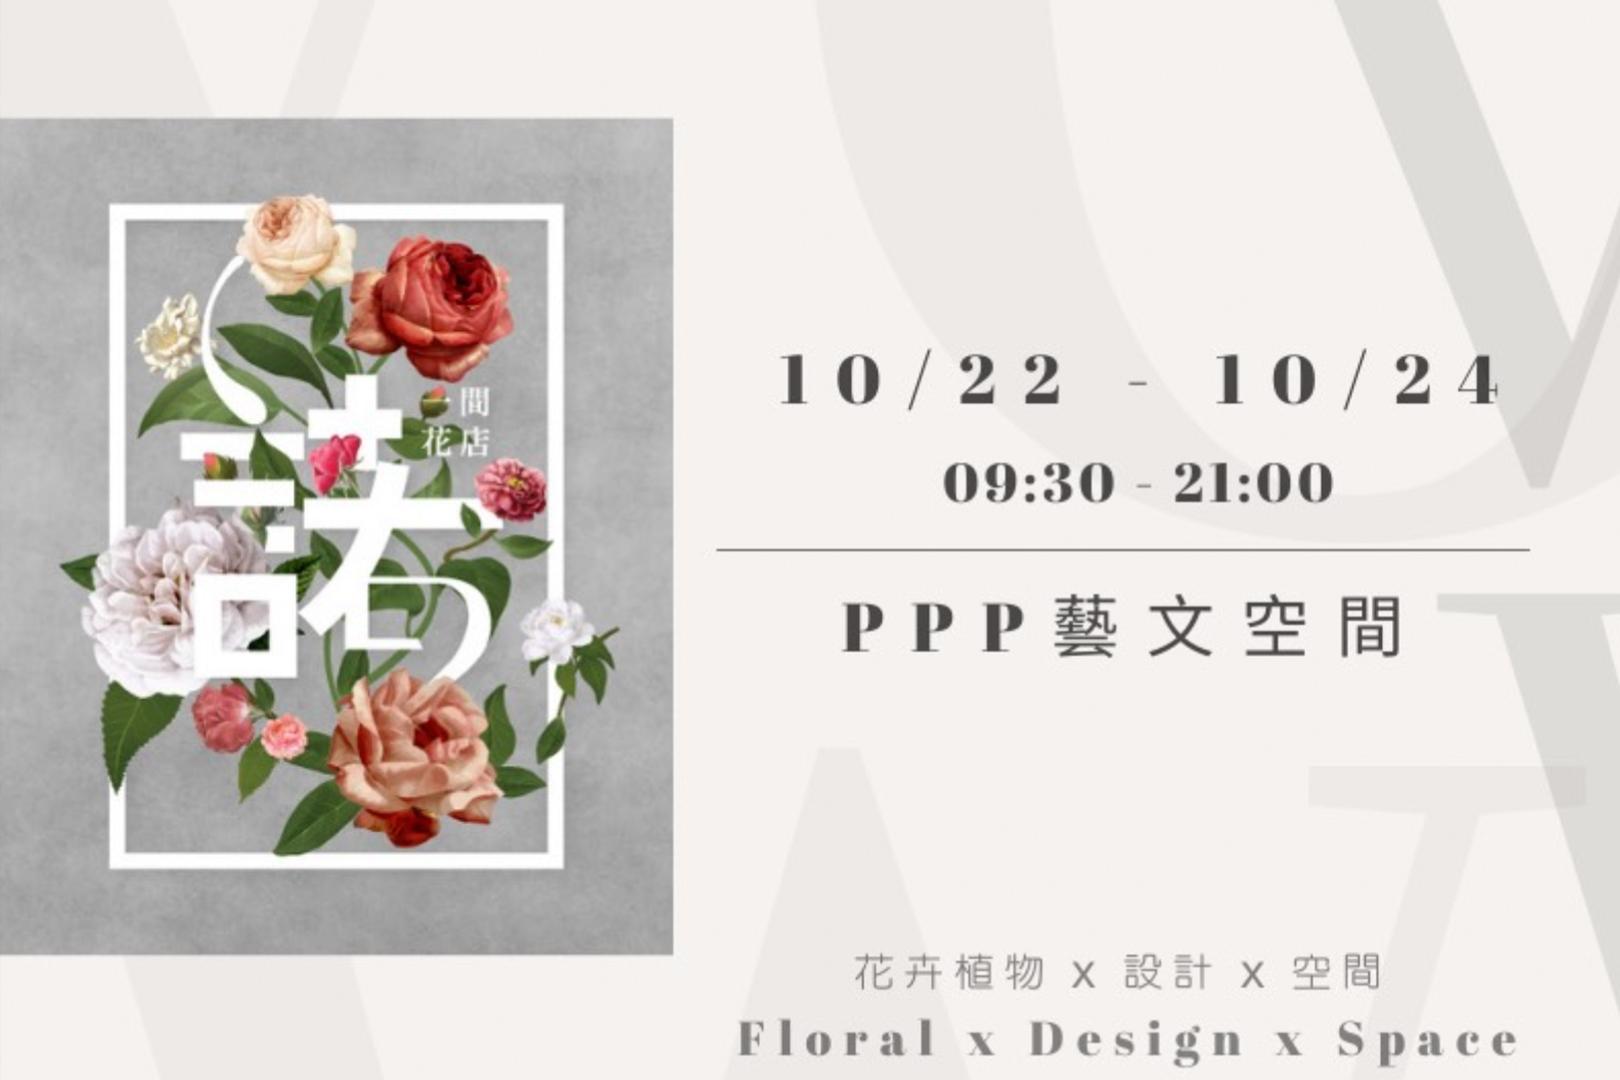 手作工作坊 諾 一間花店 Floral x Design x Space